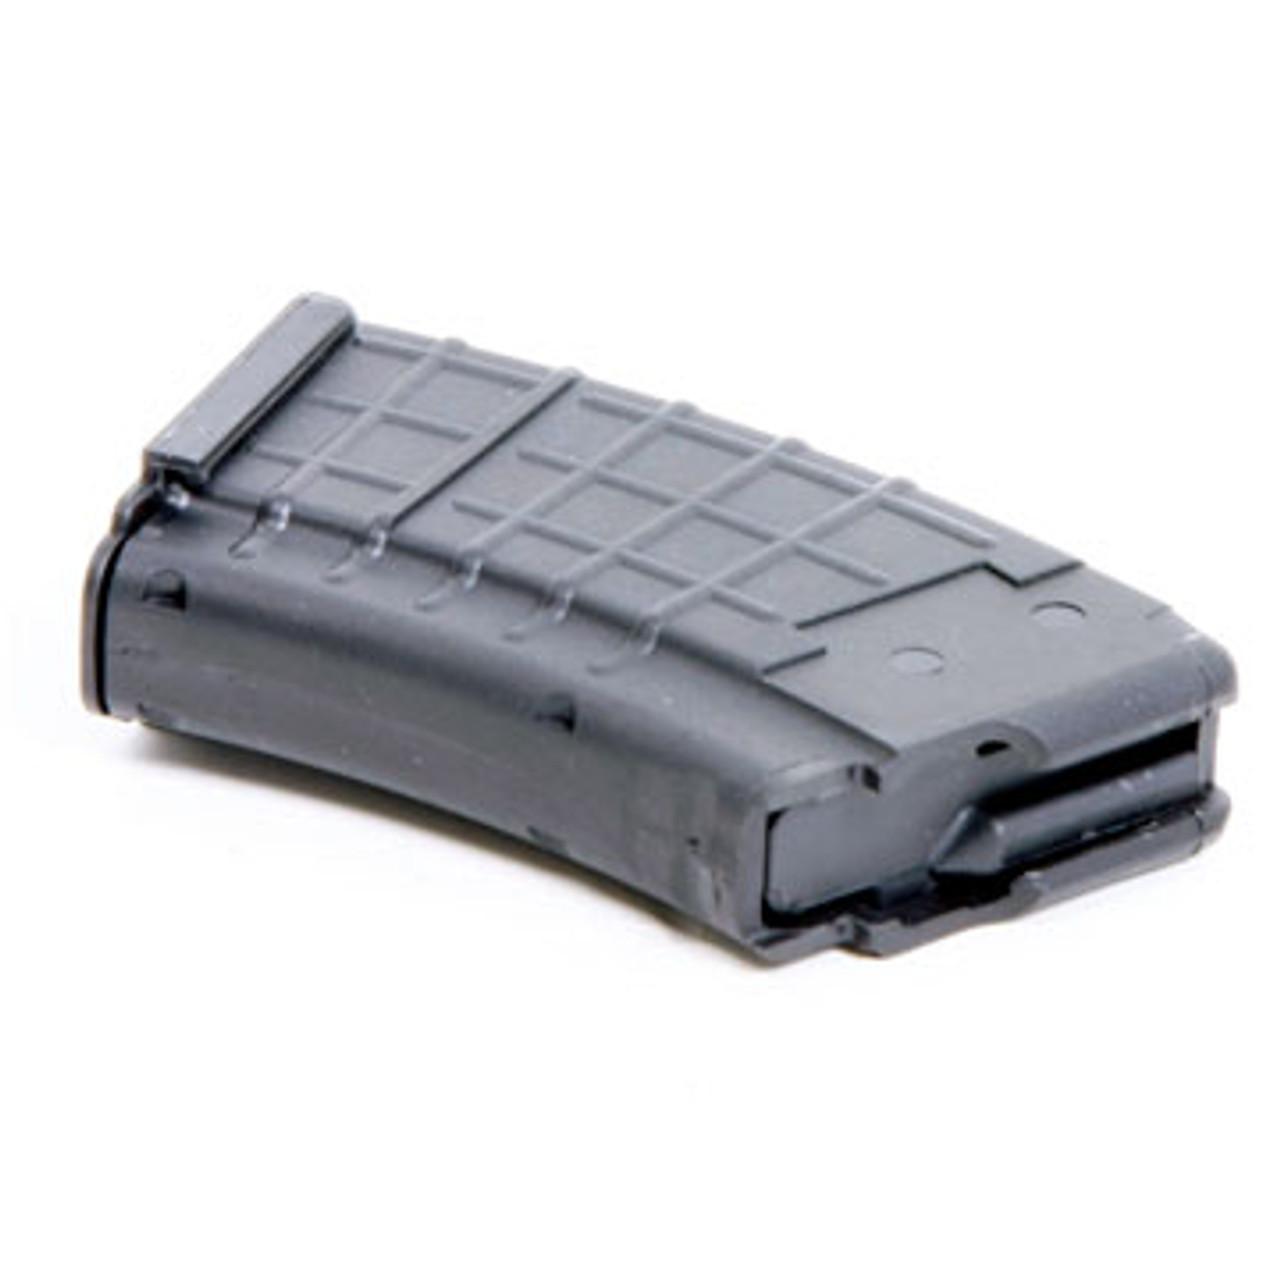 AK-47® 7.62x39mm (10) Rd - Black Polymer